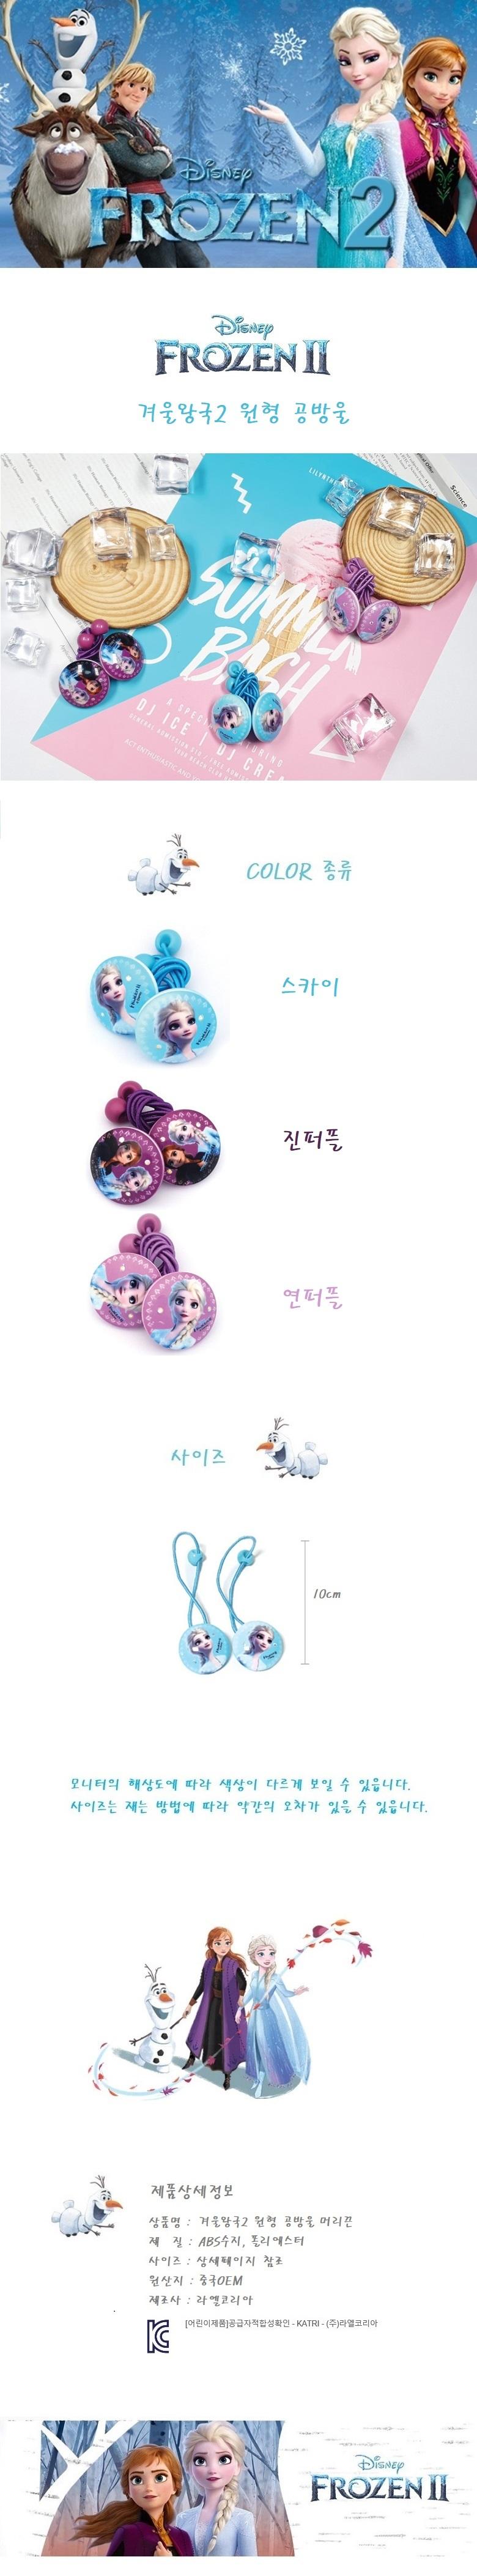 frozen2_wongongdrop.jpg